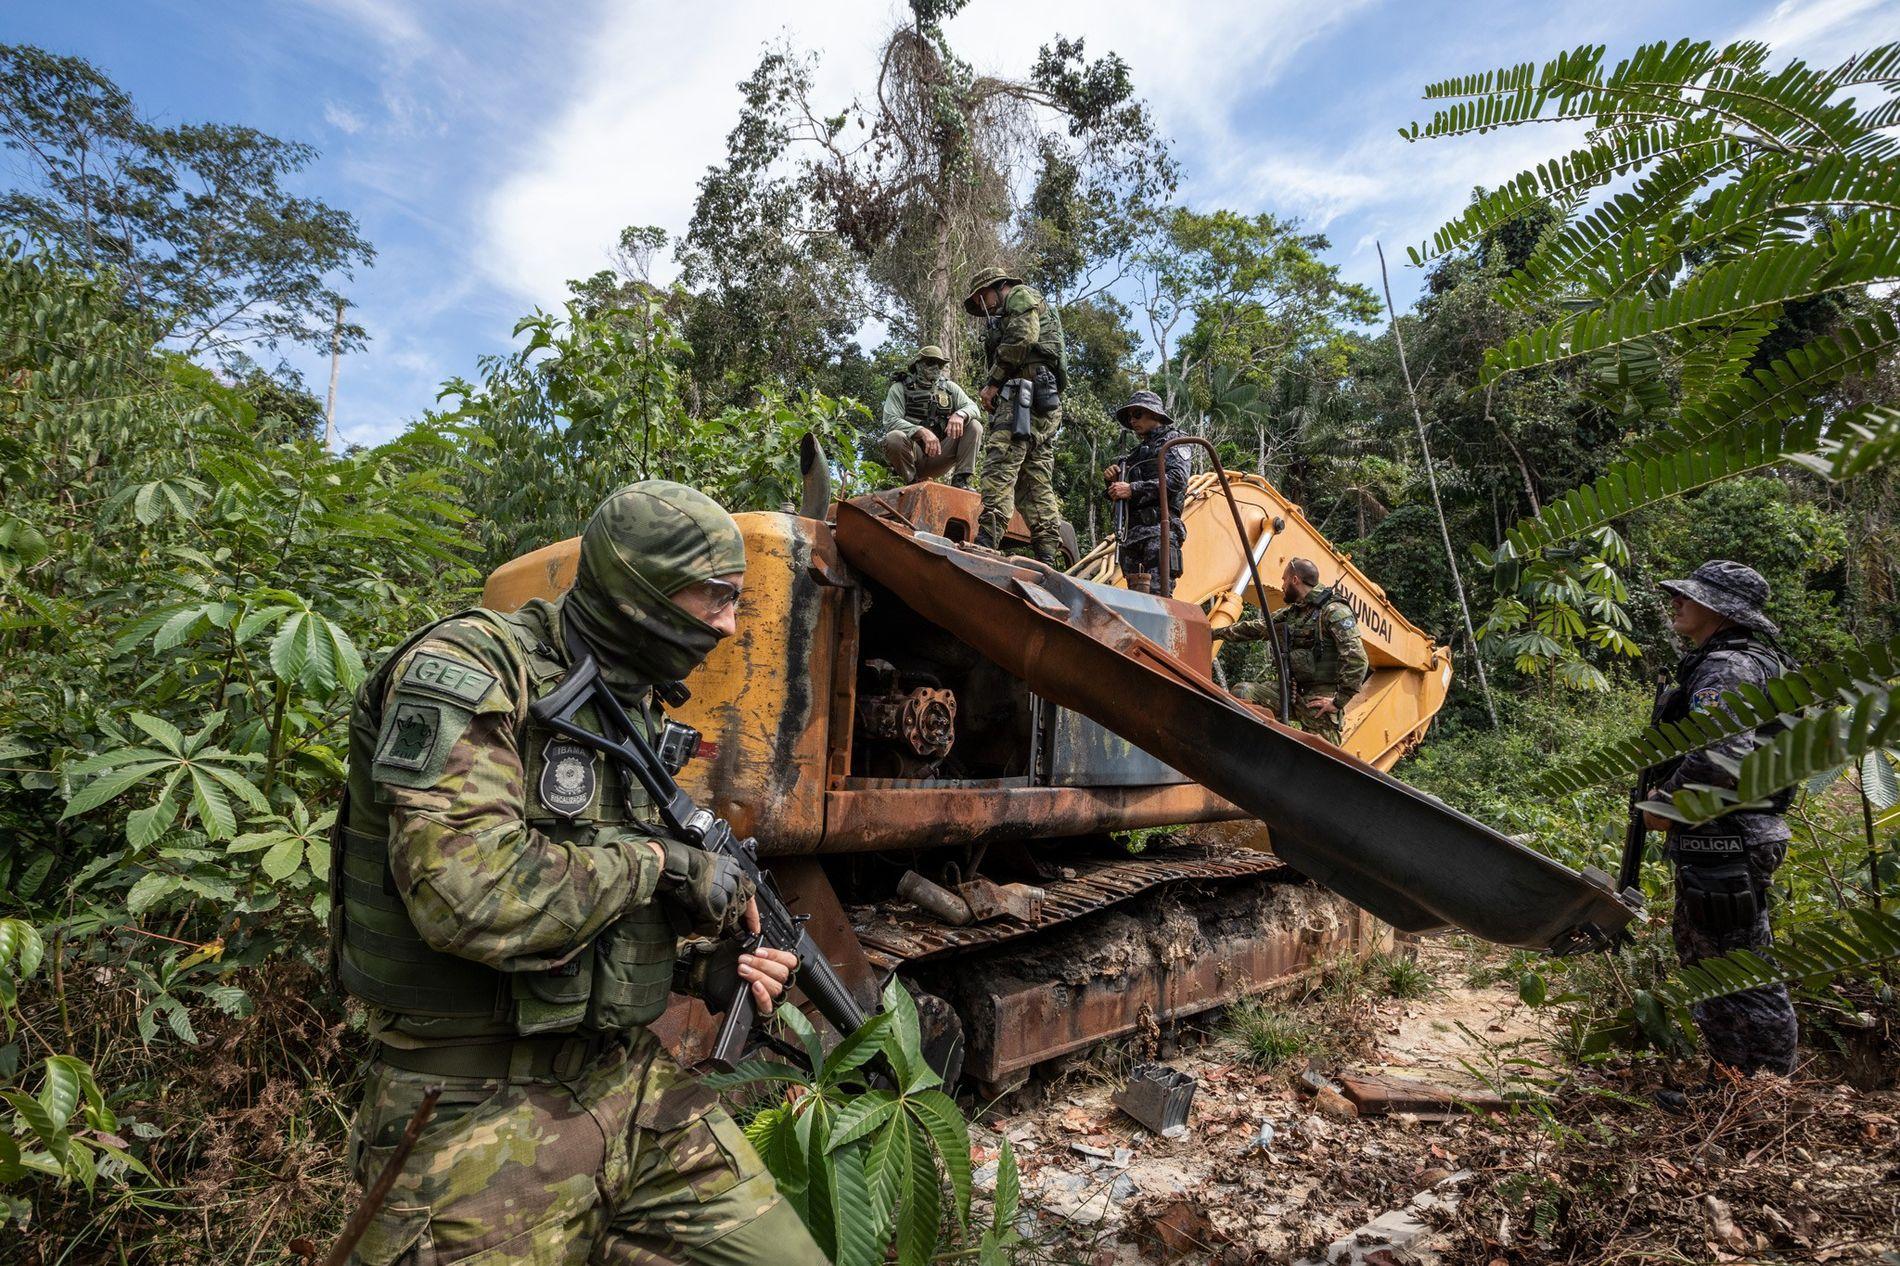 Oficiais do Instituto Brasileiro do Meio Ambiente e dos Recursos Naturais Renováveis (Ibama) desmontam um trator ...